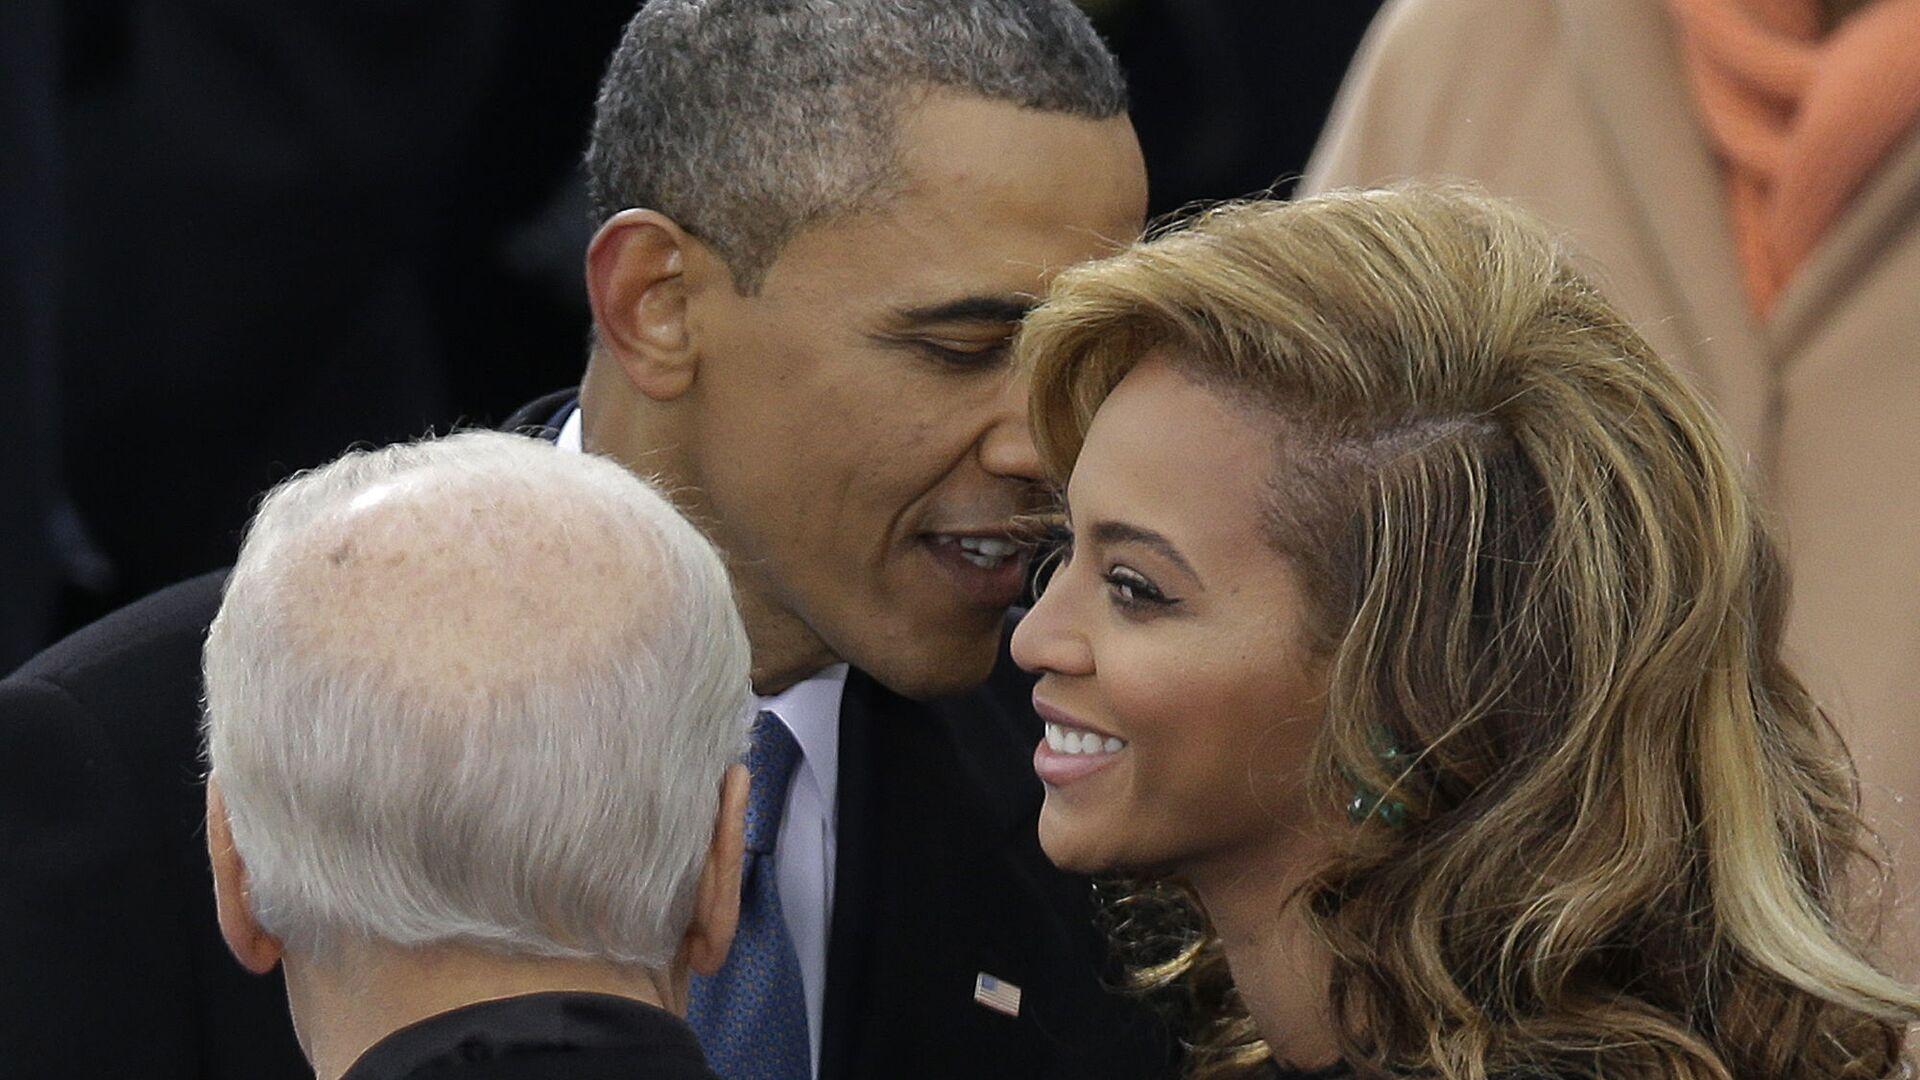 Americký prezident Barack Obama hovoří se zpěvačkou Beyoncé během inauguračního ceremoniálu ve Washingtonu DC - Sputnik Česká republika, 1920, 14.08.2021